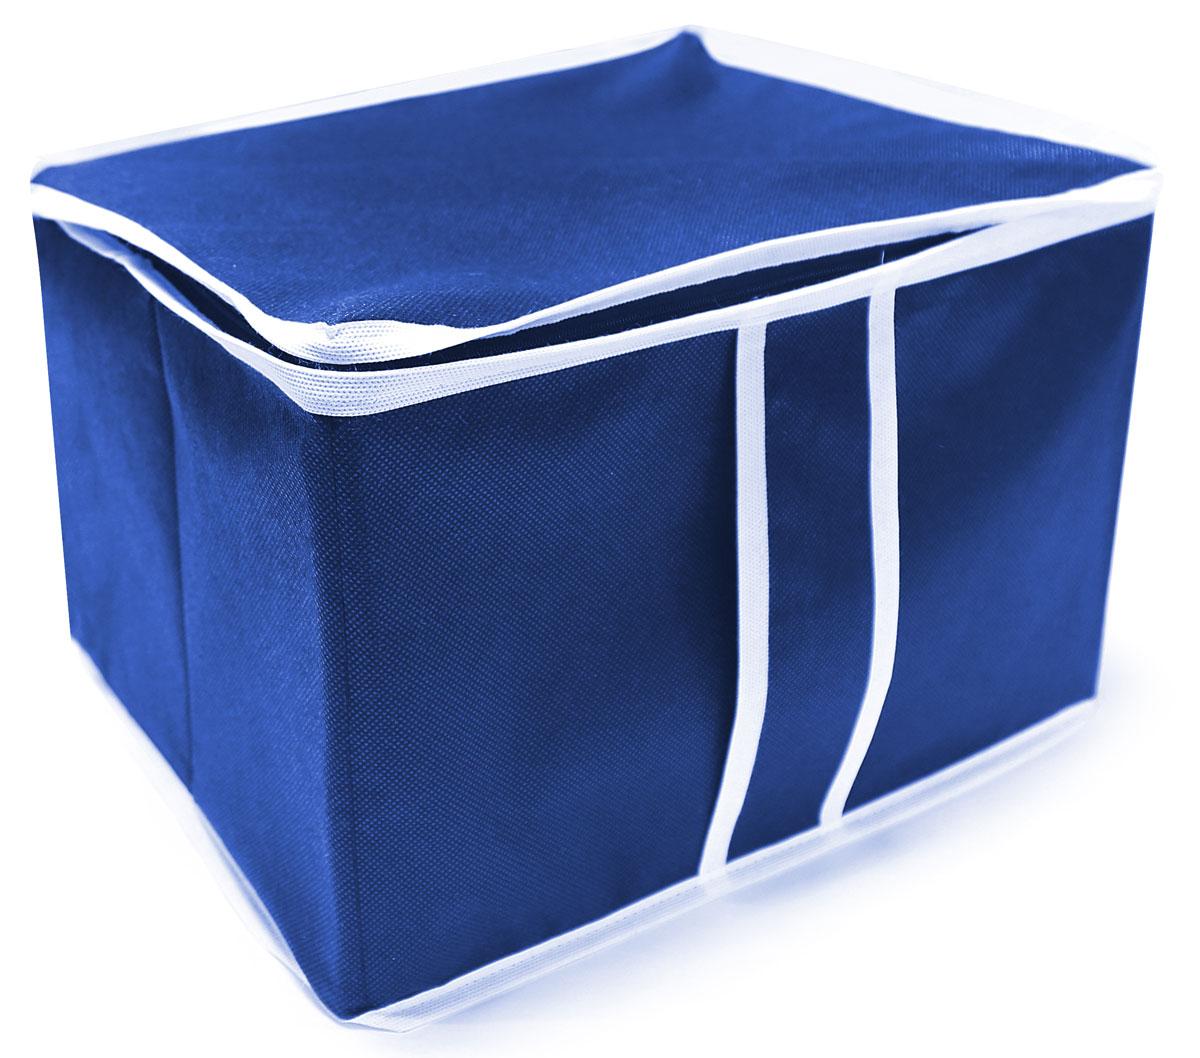 Органайзер для хранения Eva Василек, цвет: синий, 35 х 30 х 25 смЯ4610Органайзер для хранения Eva - раскладная коробка для стеллажей и антресолей, выполненная из спанбонда. Изделие позволит сэкономить место при хранении. Закрывается крышкой на молнии, имеет твердые стенки и дно.